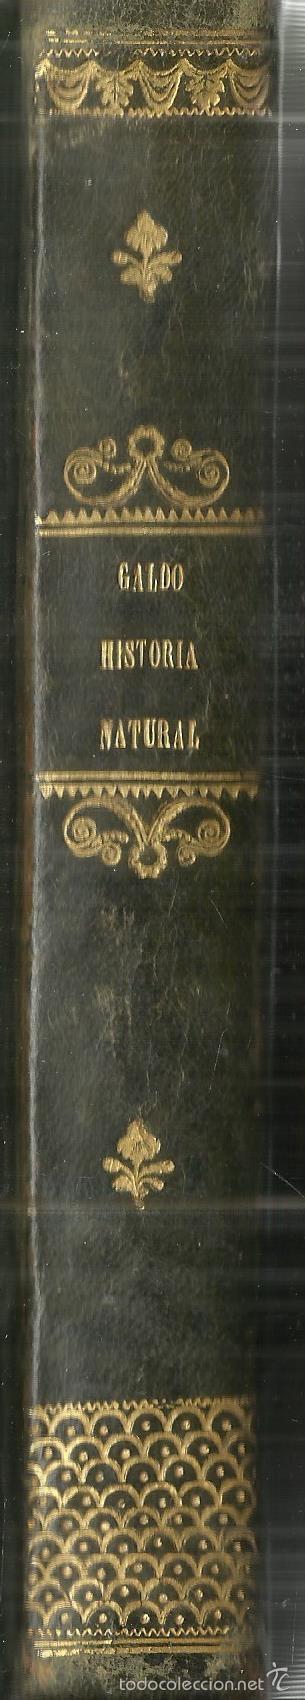 Libros antiguos: MANUAL DE HISTORIA NATURAL. MANUEL MARÍA JOSÉ DE GALDO. IMP. D.B. GONZÁLEZ. MADRID. 1853 - Foto 5 - 58091284